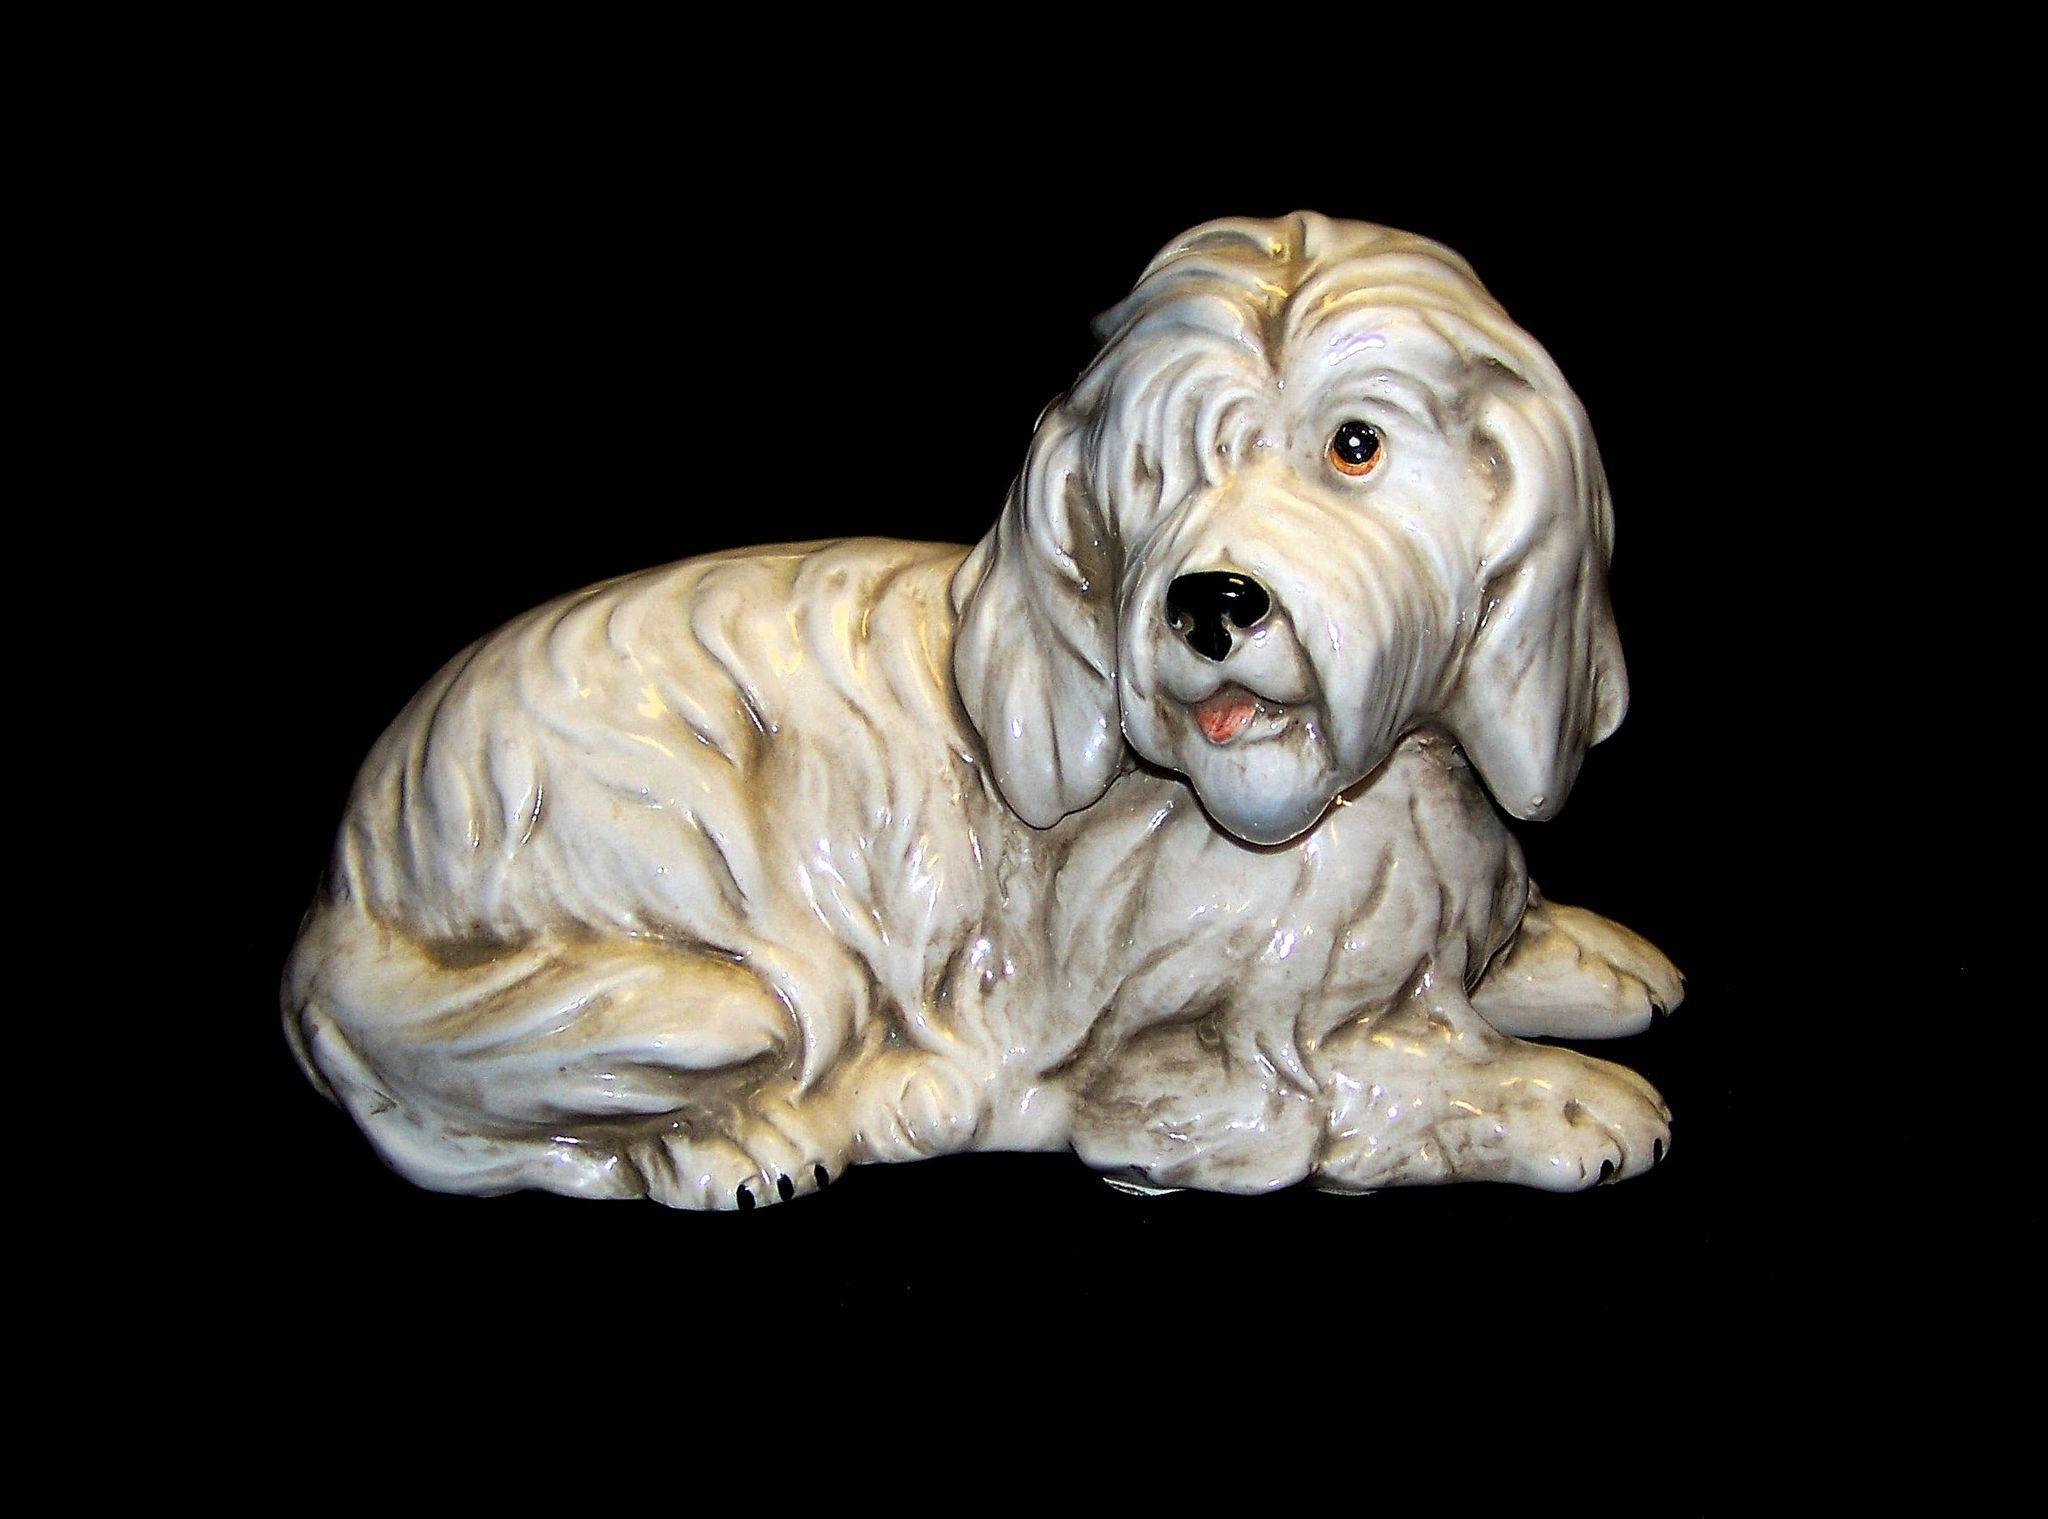 Vintage Shafford Porcelain Old English Sheep Dog